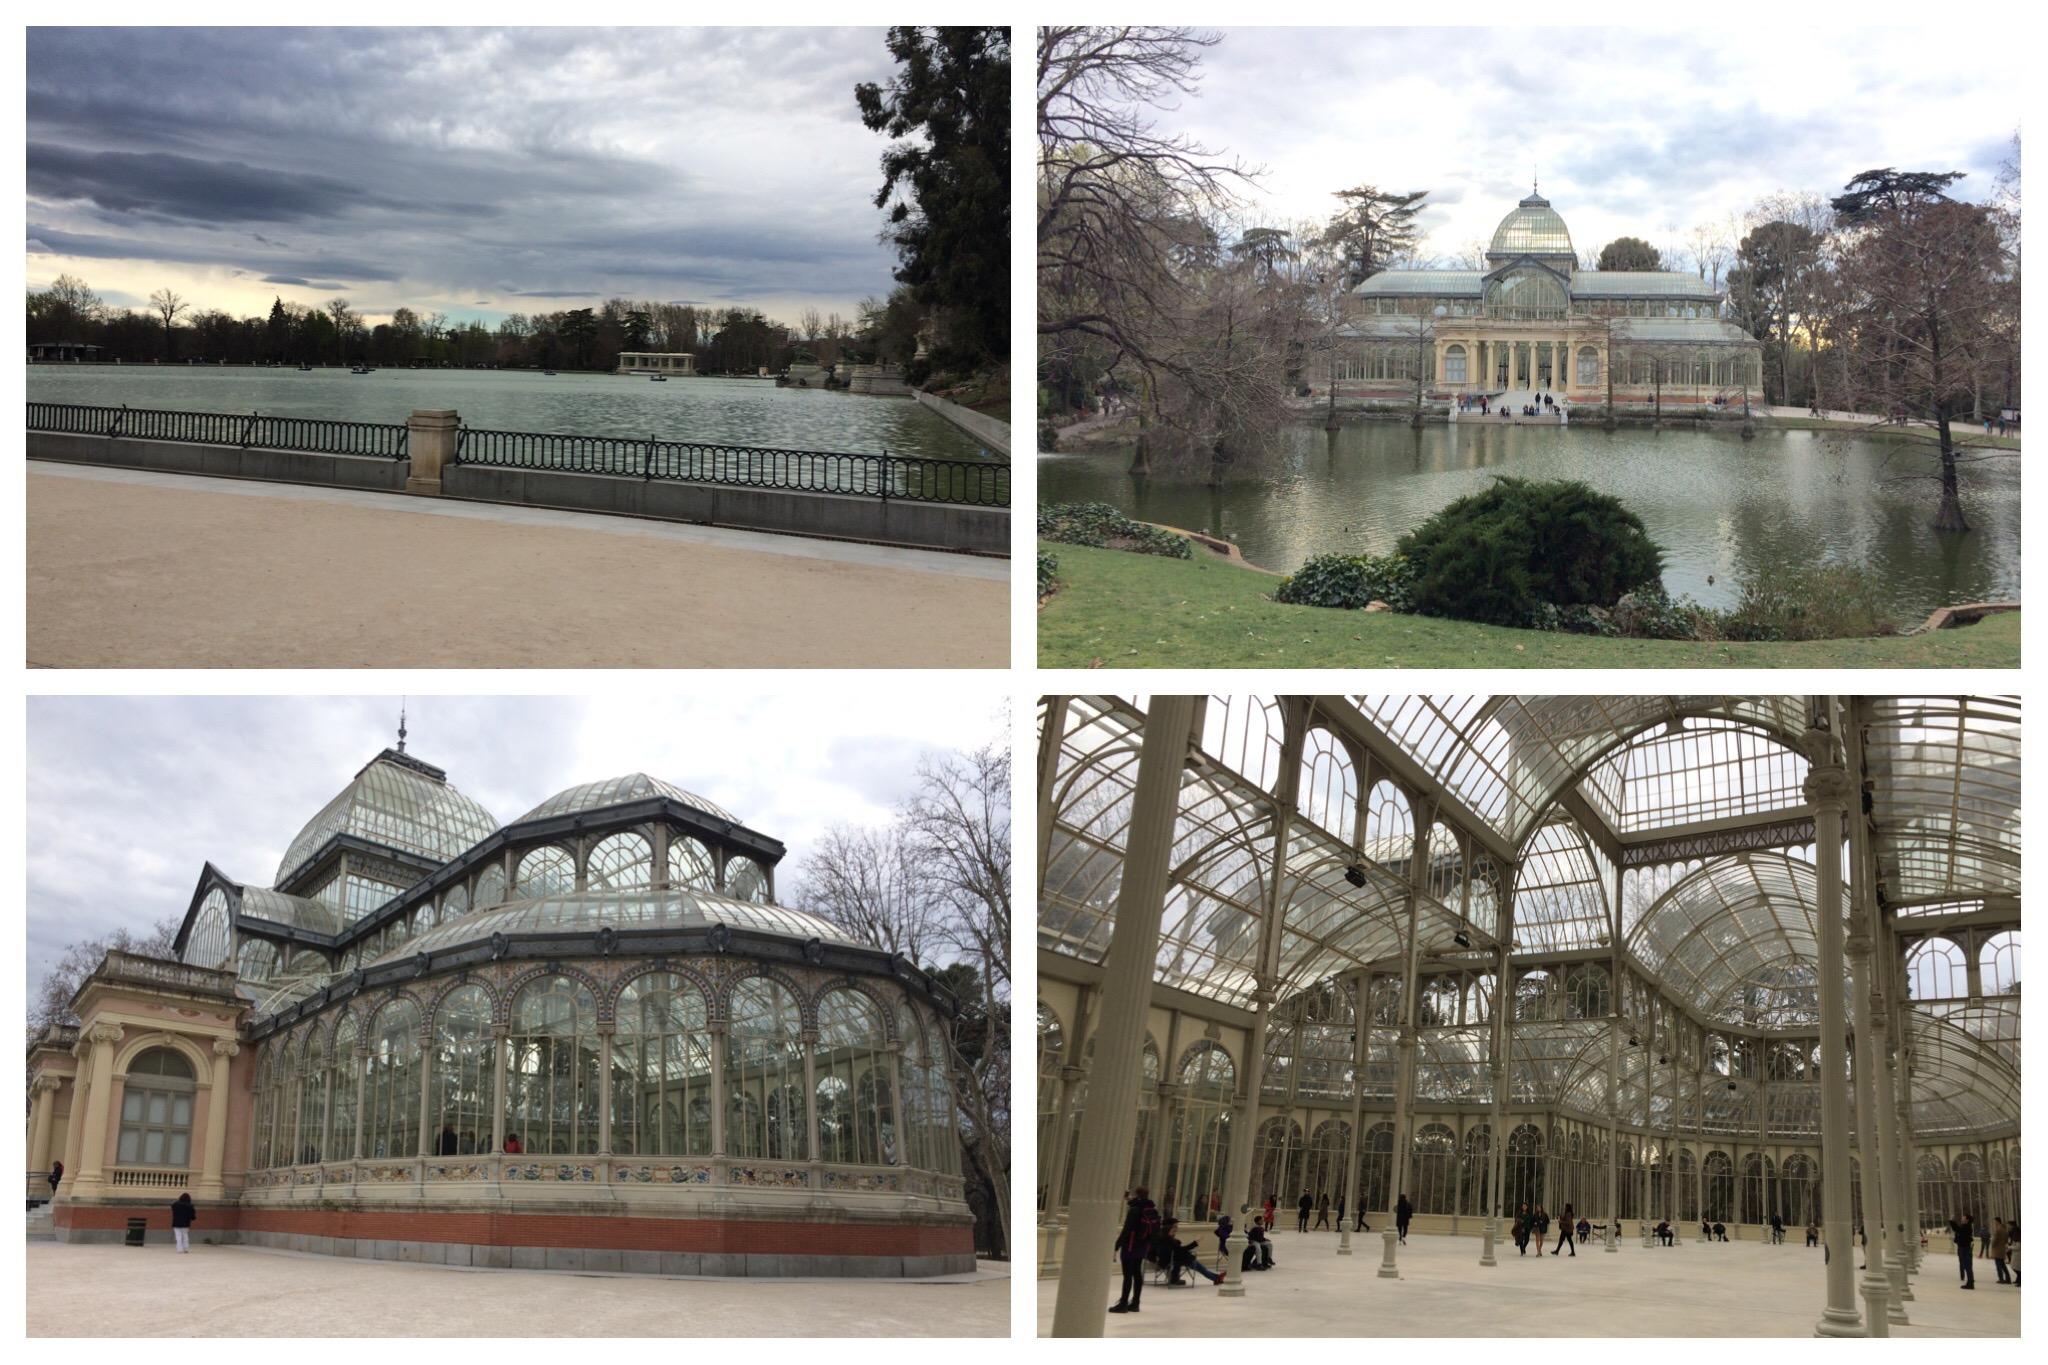 Madrid El Retiro Park Lake Palacio de Cristal